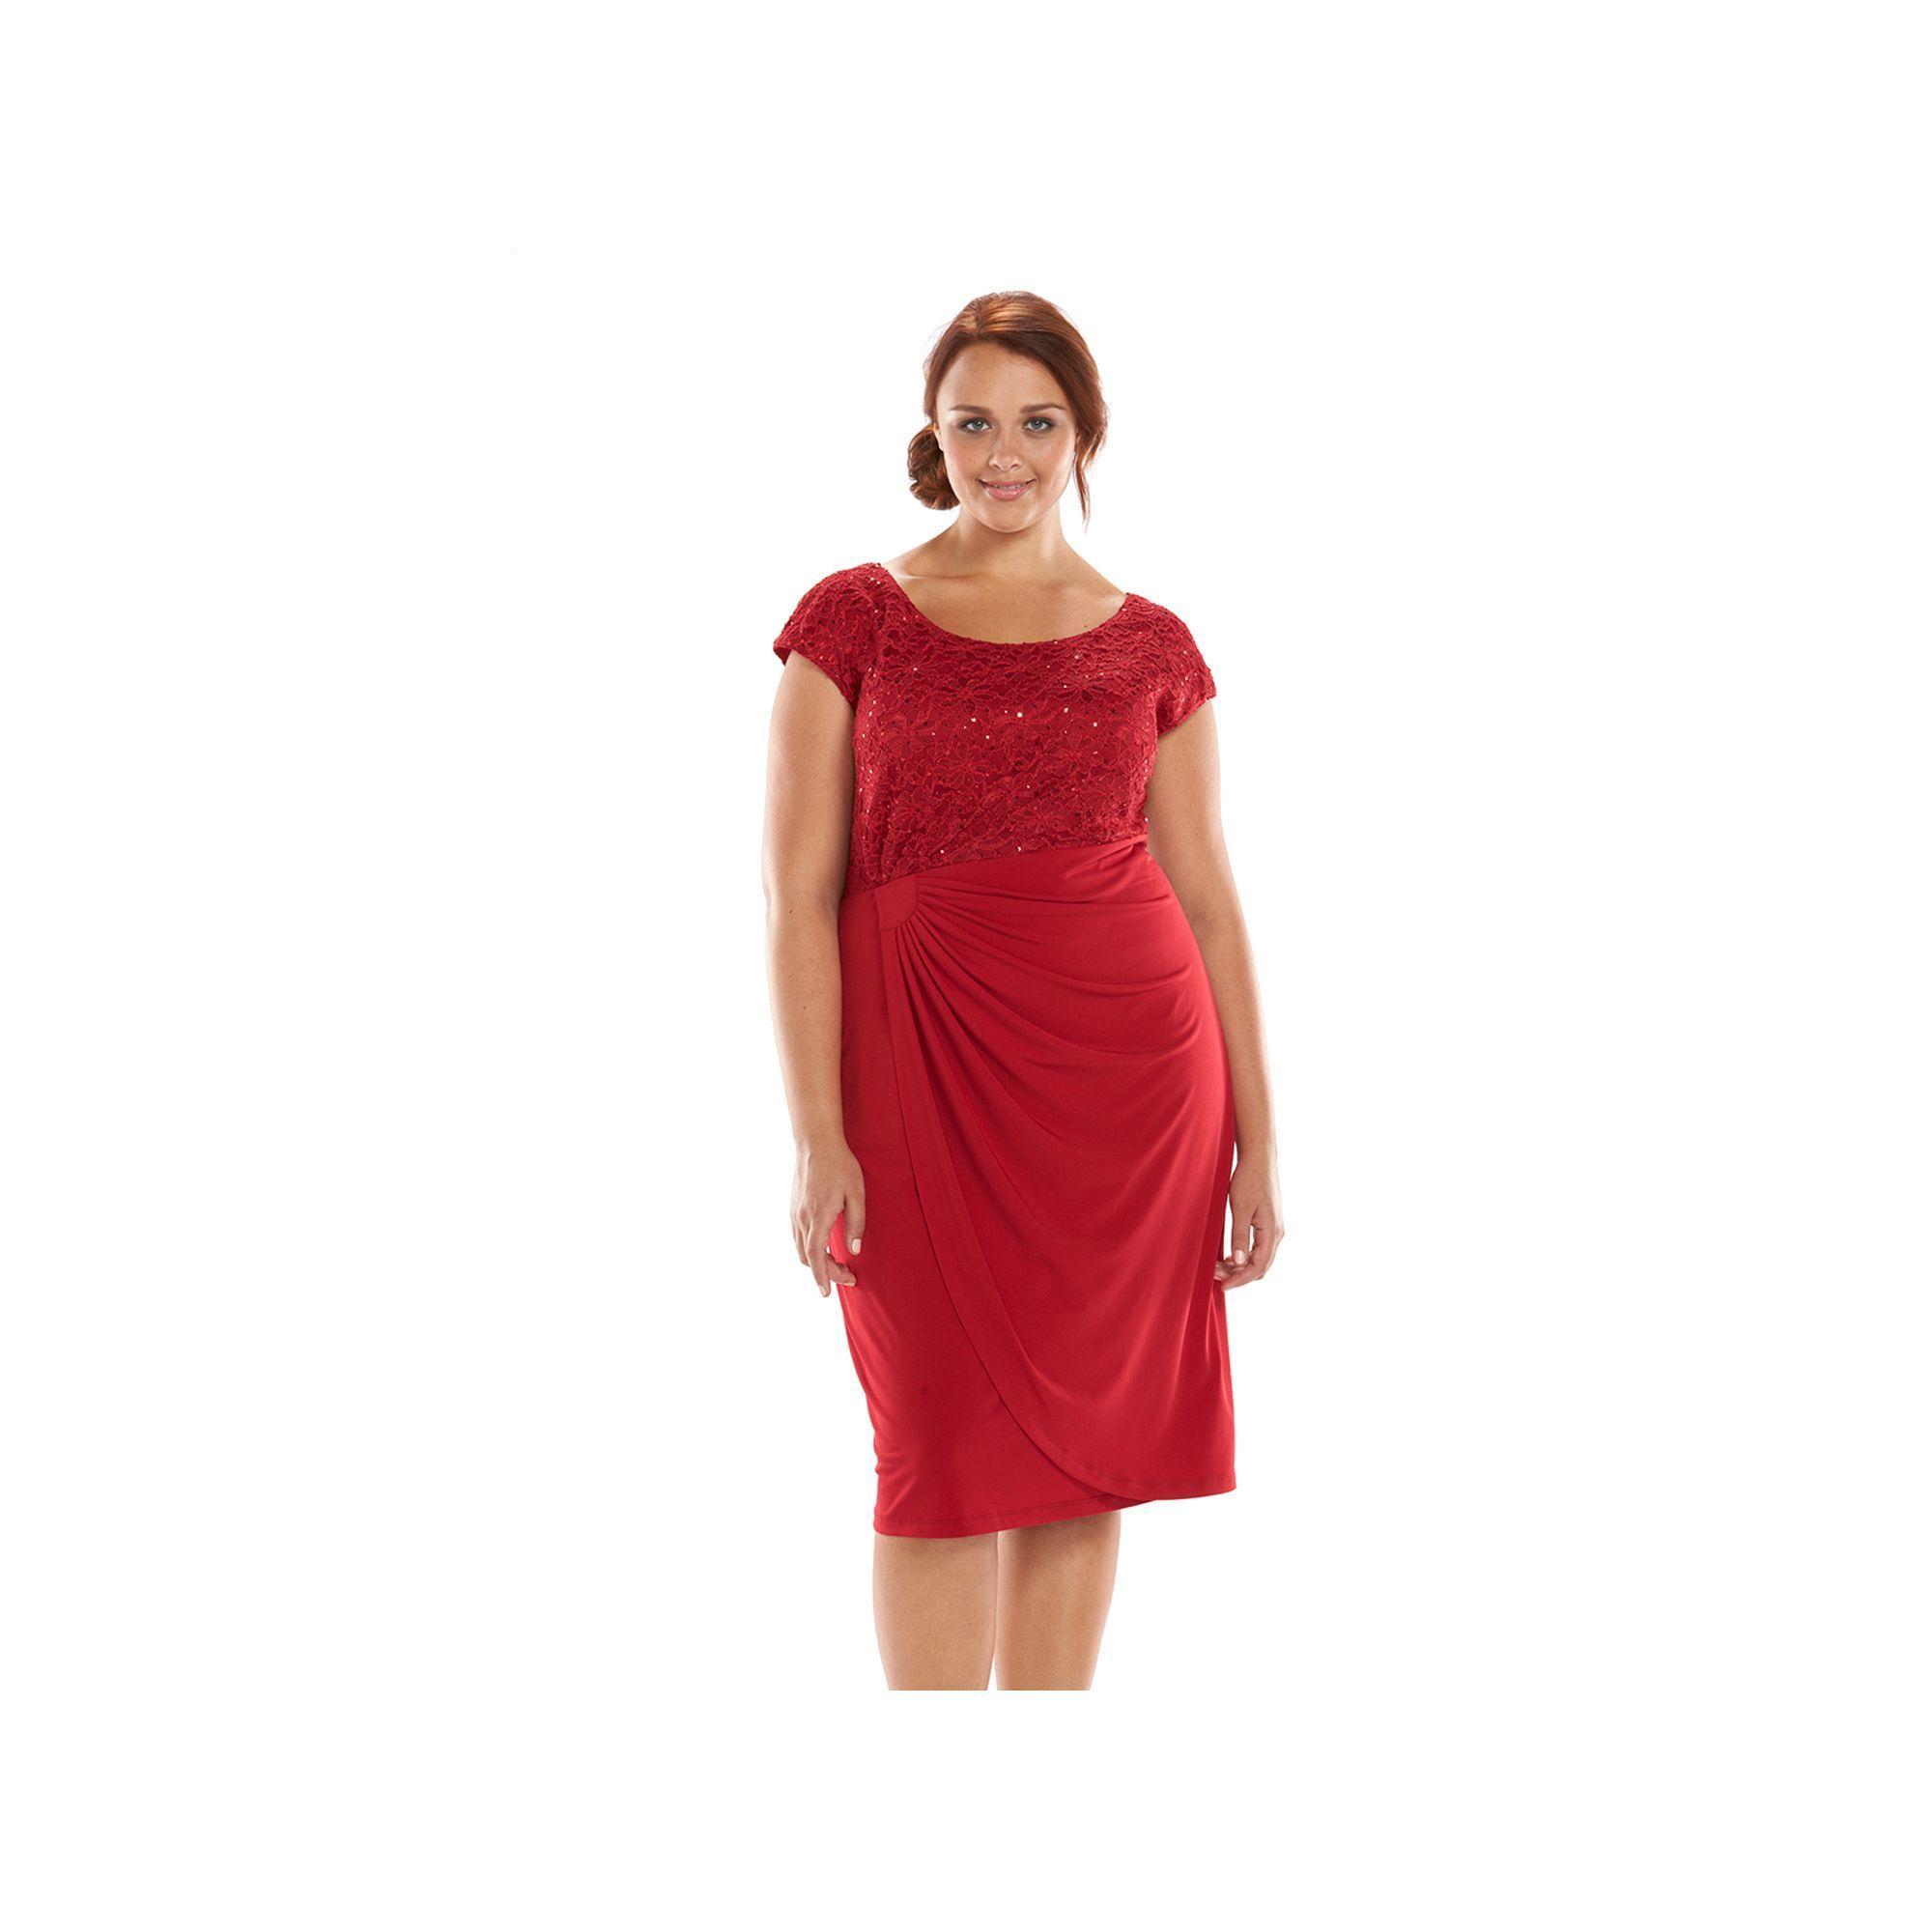 Plus Size Connected Apparel Sequin Lace Faux-Wrap Dress, Women's, Size: 14